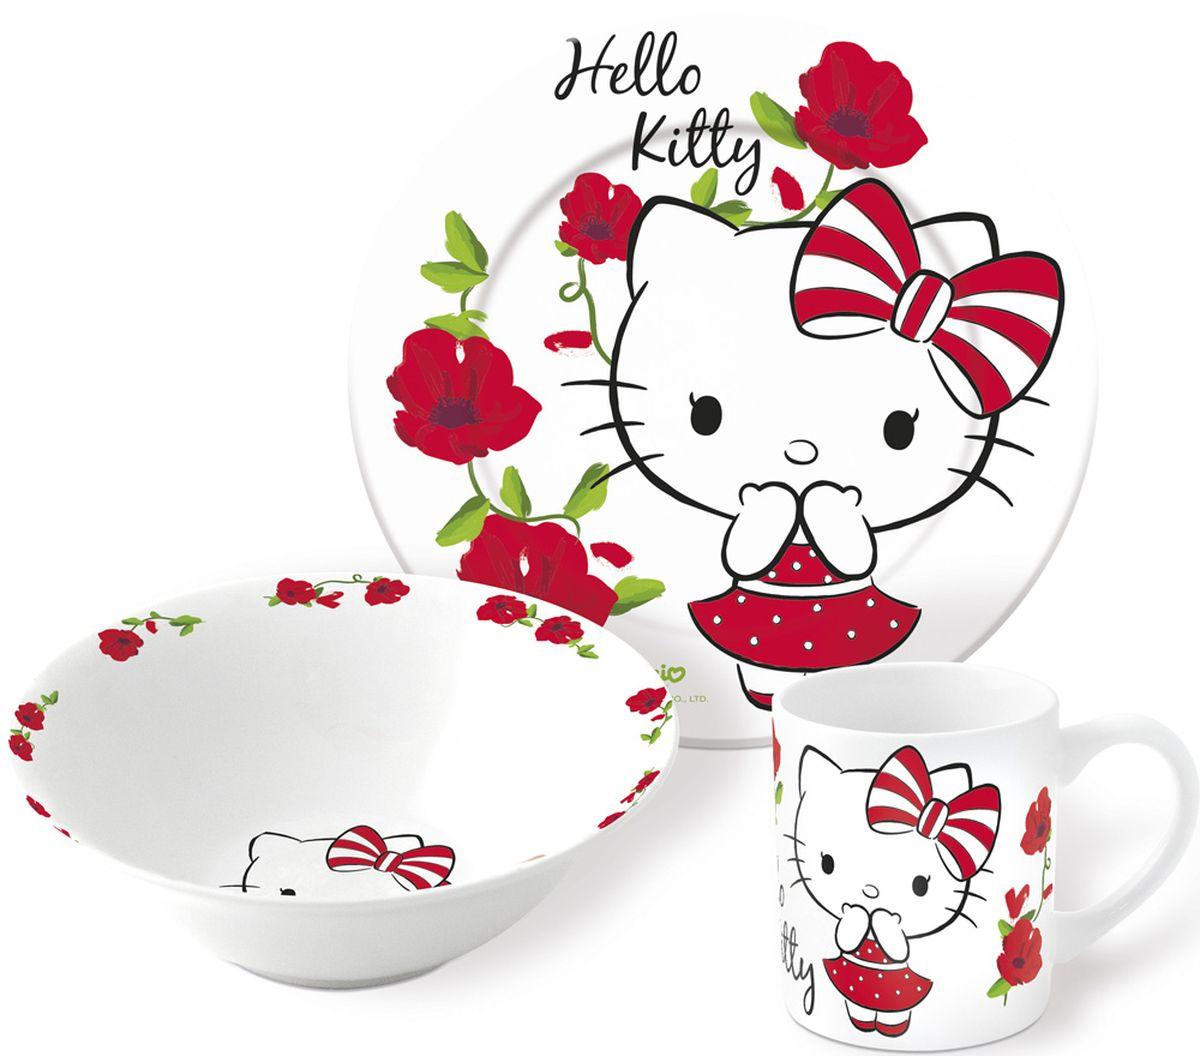 Hello Kitty Набор детской посуды 3 предмета238_желтый, зеленыйНабор детской посуды Hello Kitty состоит из кружки и двух тарелок, изготовленных из ударопрочной керамики. Предметы набора оформлены изображением кошечки Hello Kitty. Такой набор привлечет внимание вашего ребенка и не позволит ему скучать. Яркий дизайн посуды превратит прием пищи ребенка в увлекательное занятие.Предметы набора можно мыть в посудомоечной машине.